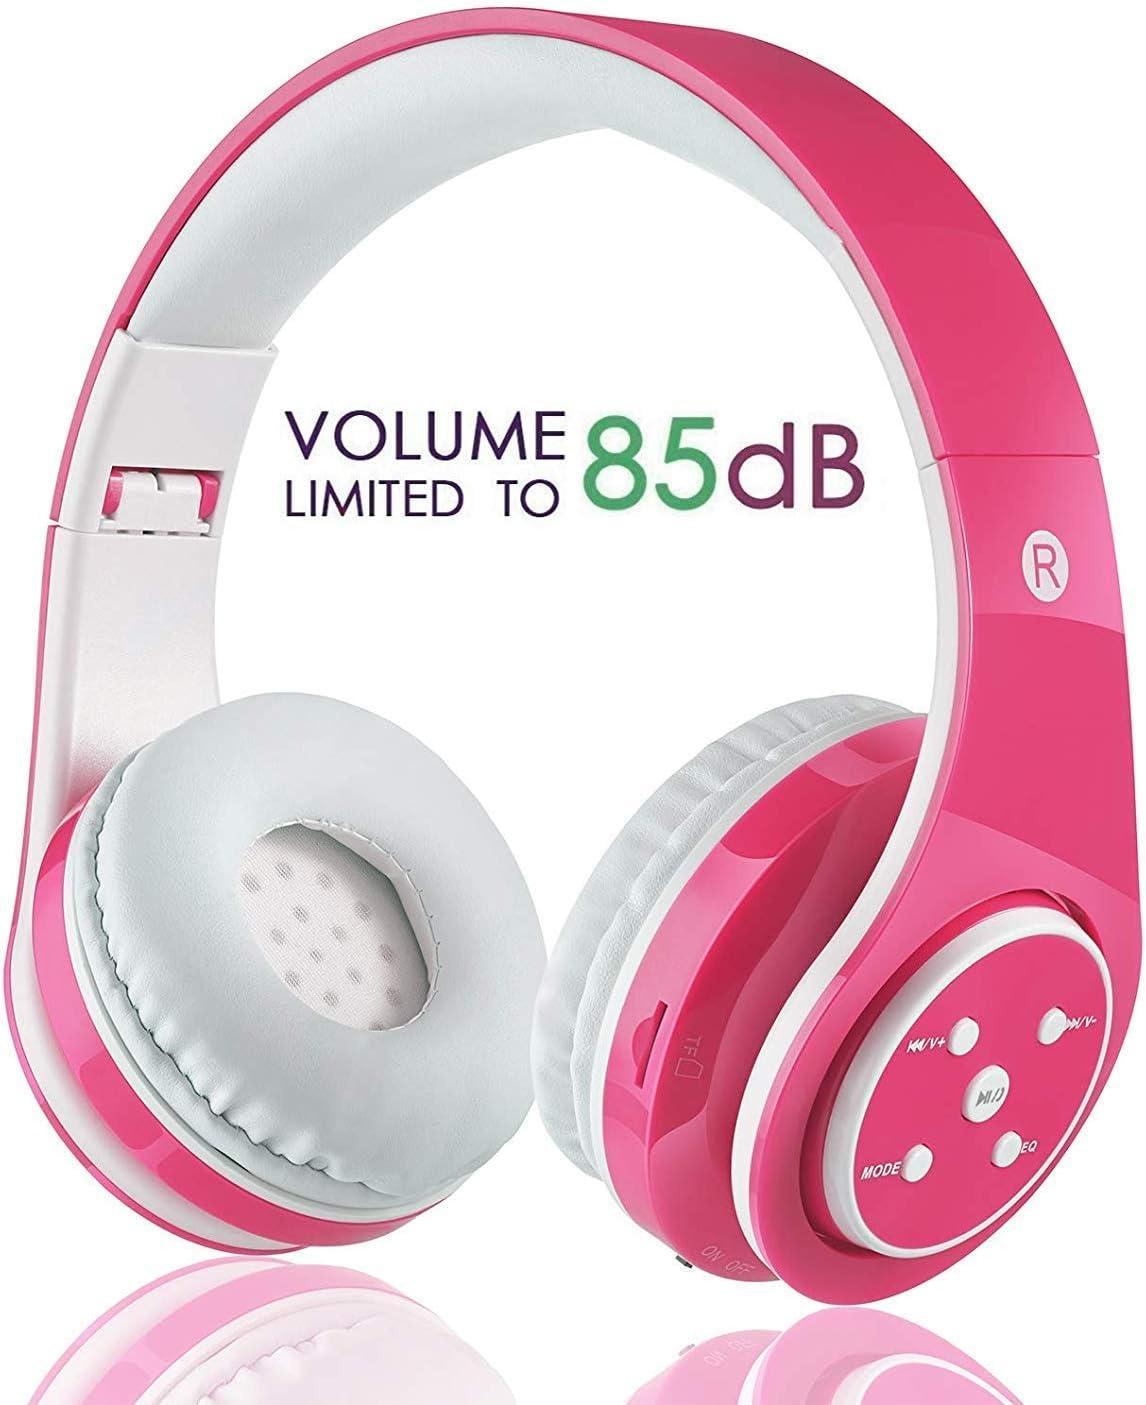 OXENDURE Auriculares Bluetooth inalámbricos incorporados Auriculares Recargables retráctiles para teléfonos Inteligentes con Tableta (Rosado)